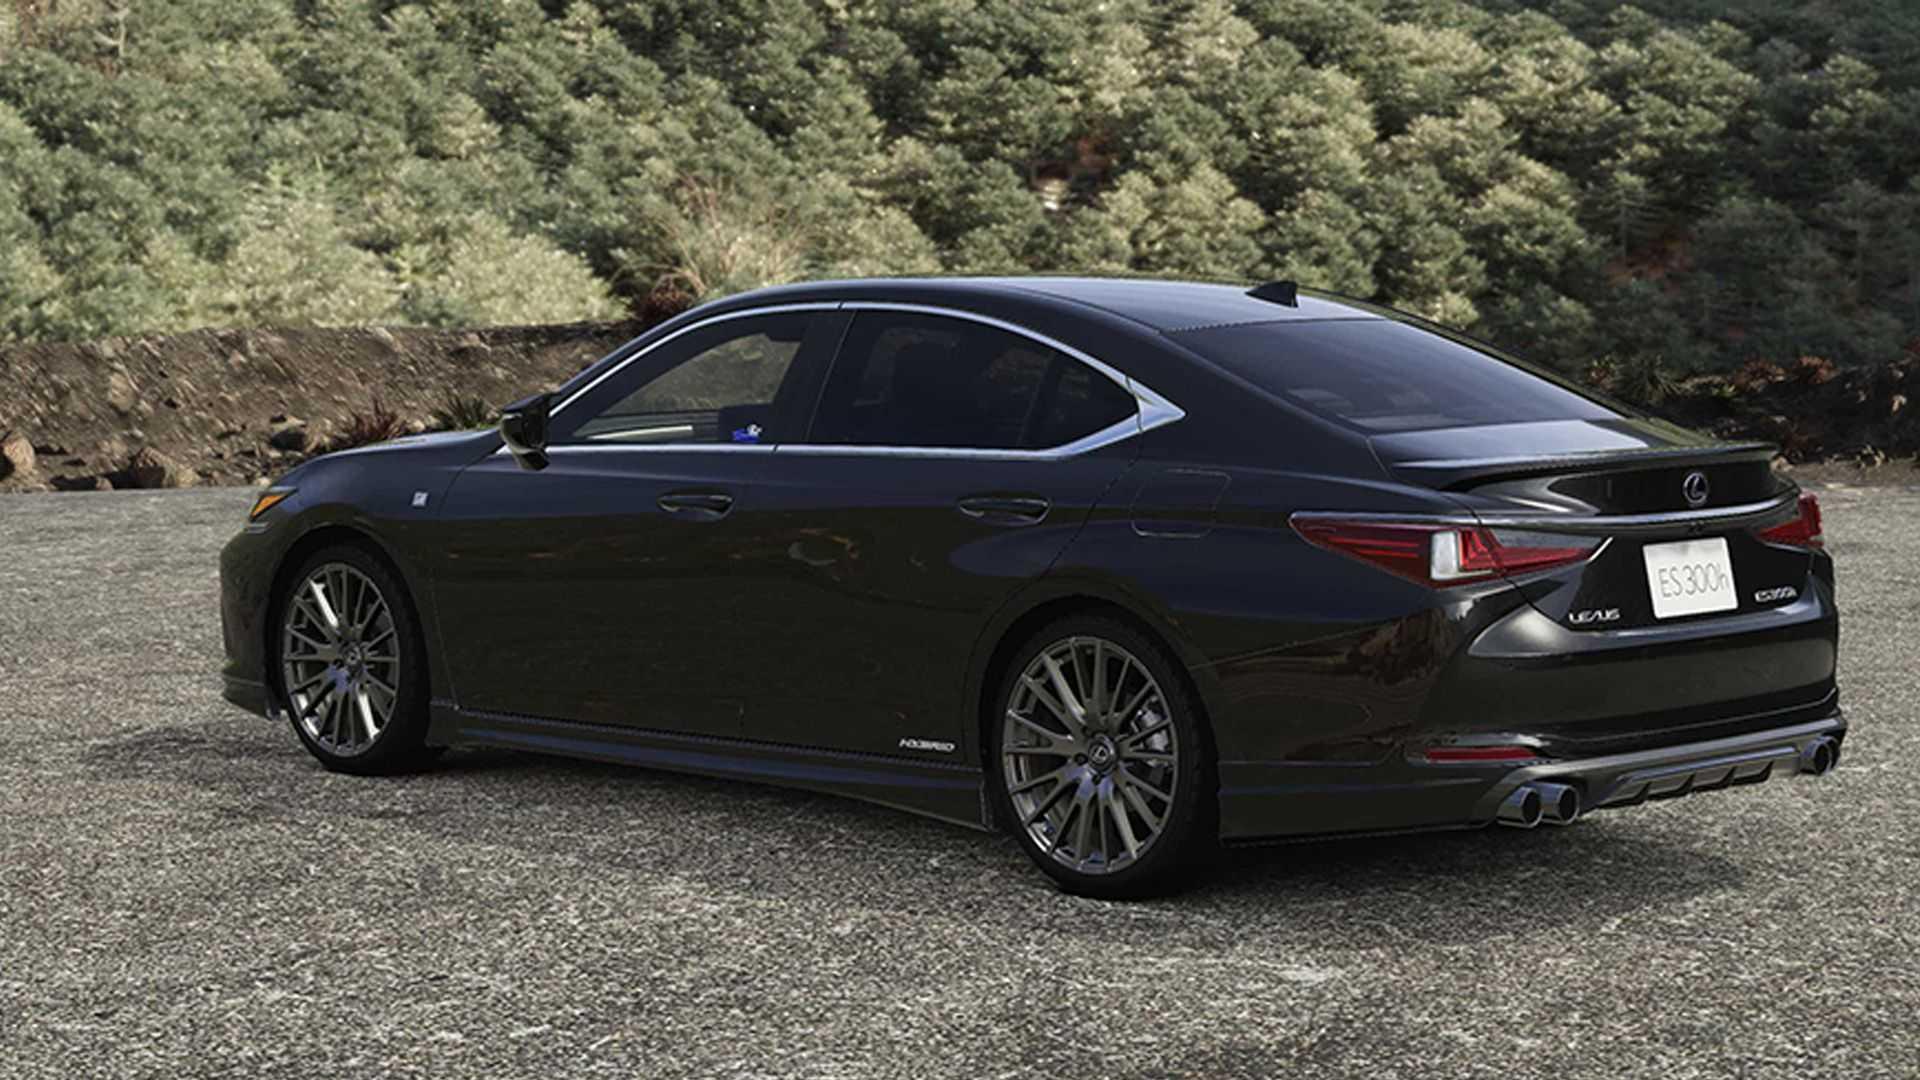 Lexus-ES-facelift-with-TRD-Parts-7